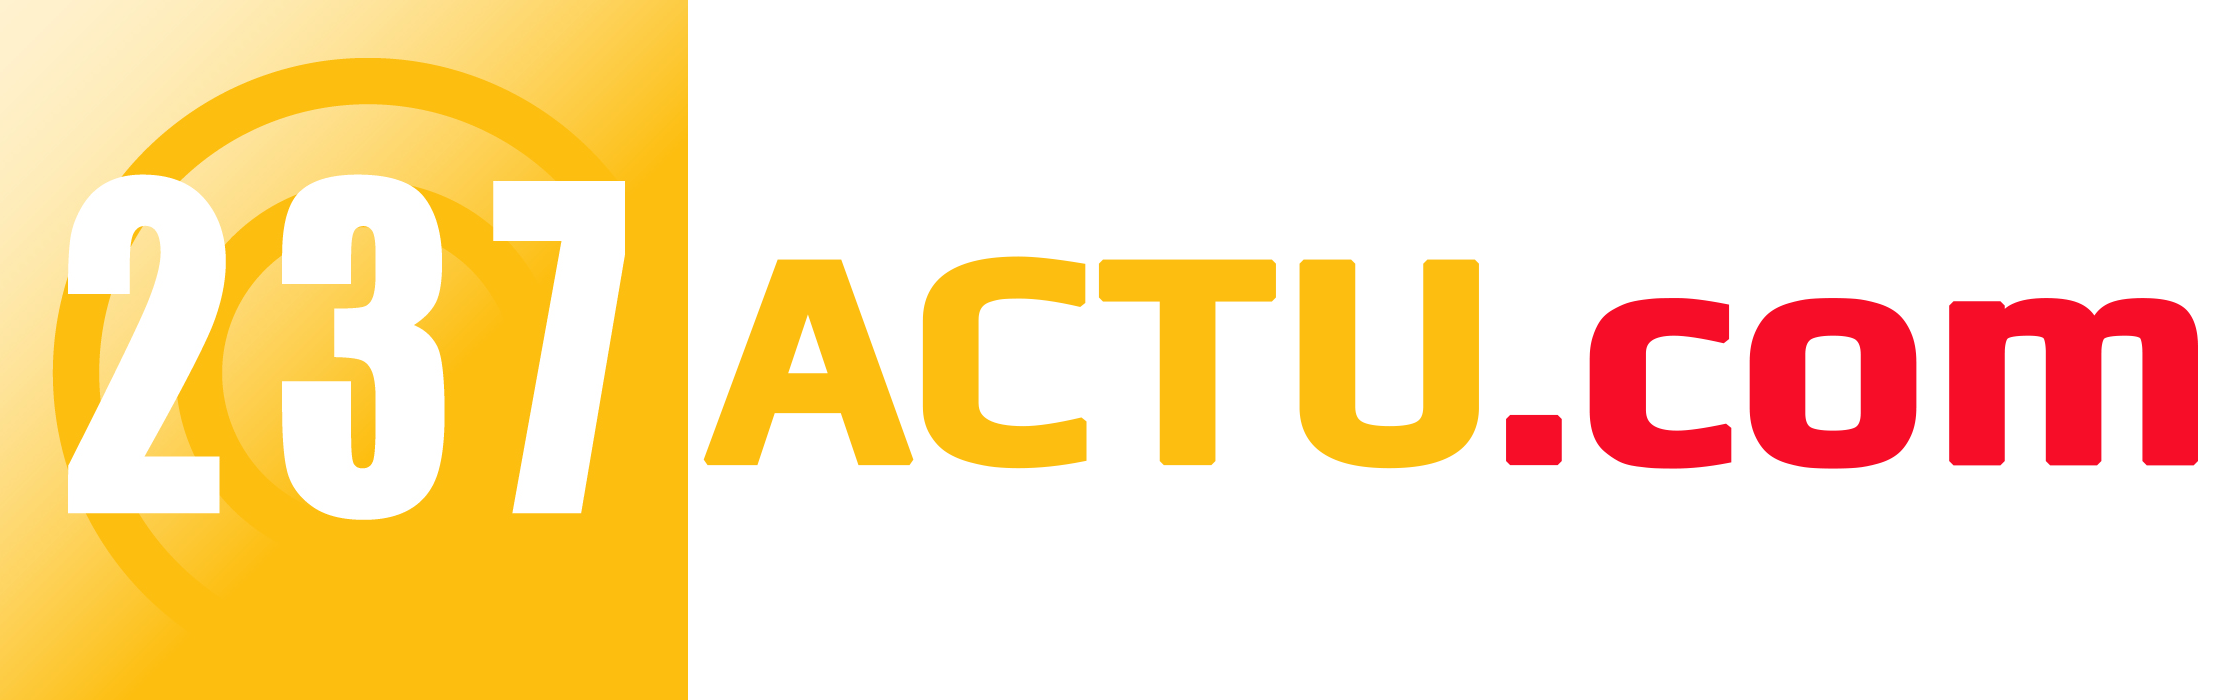 237 Actu logo